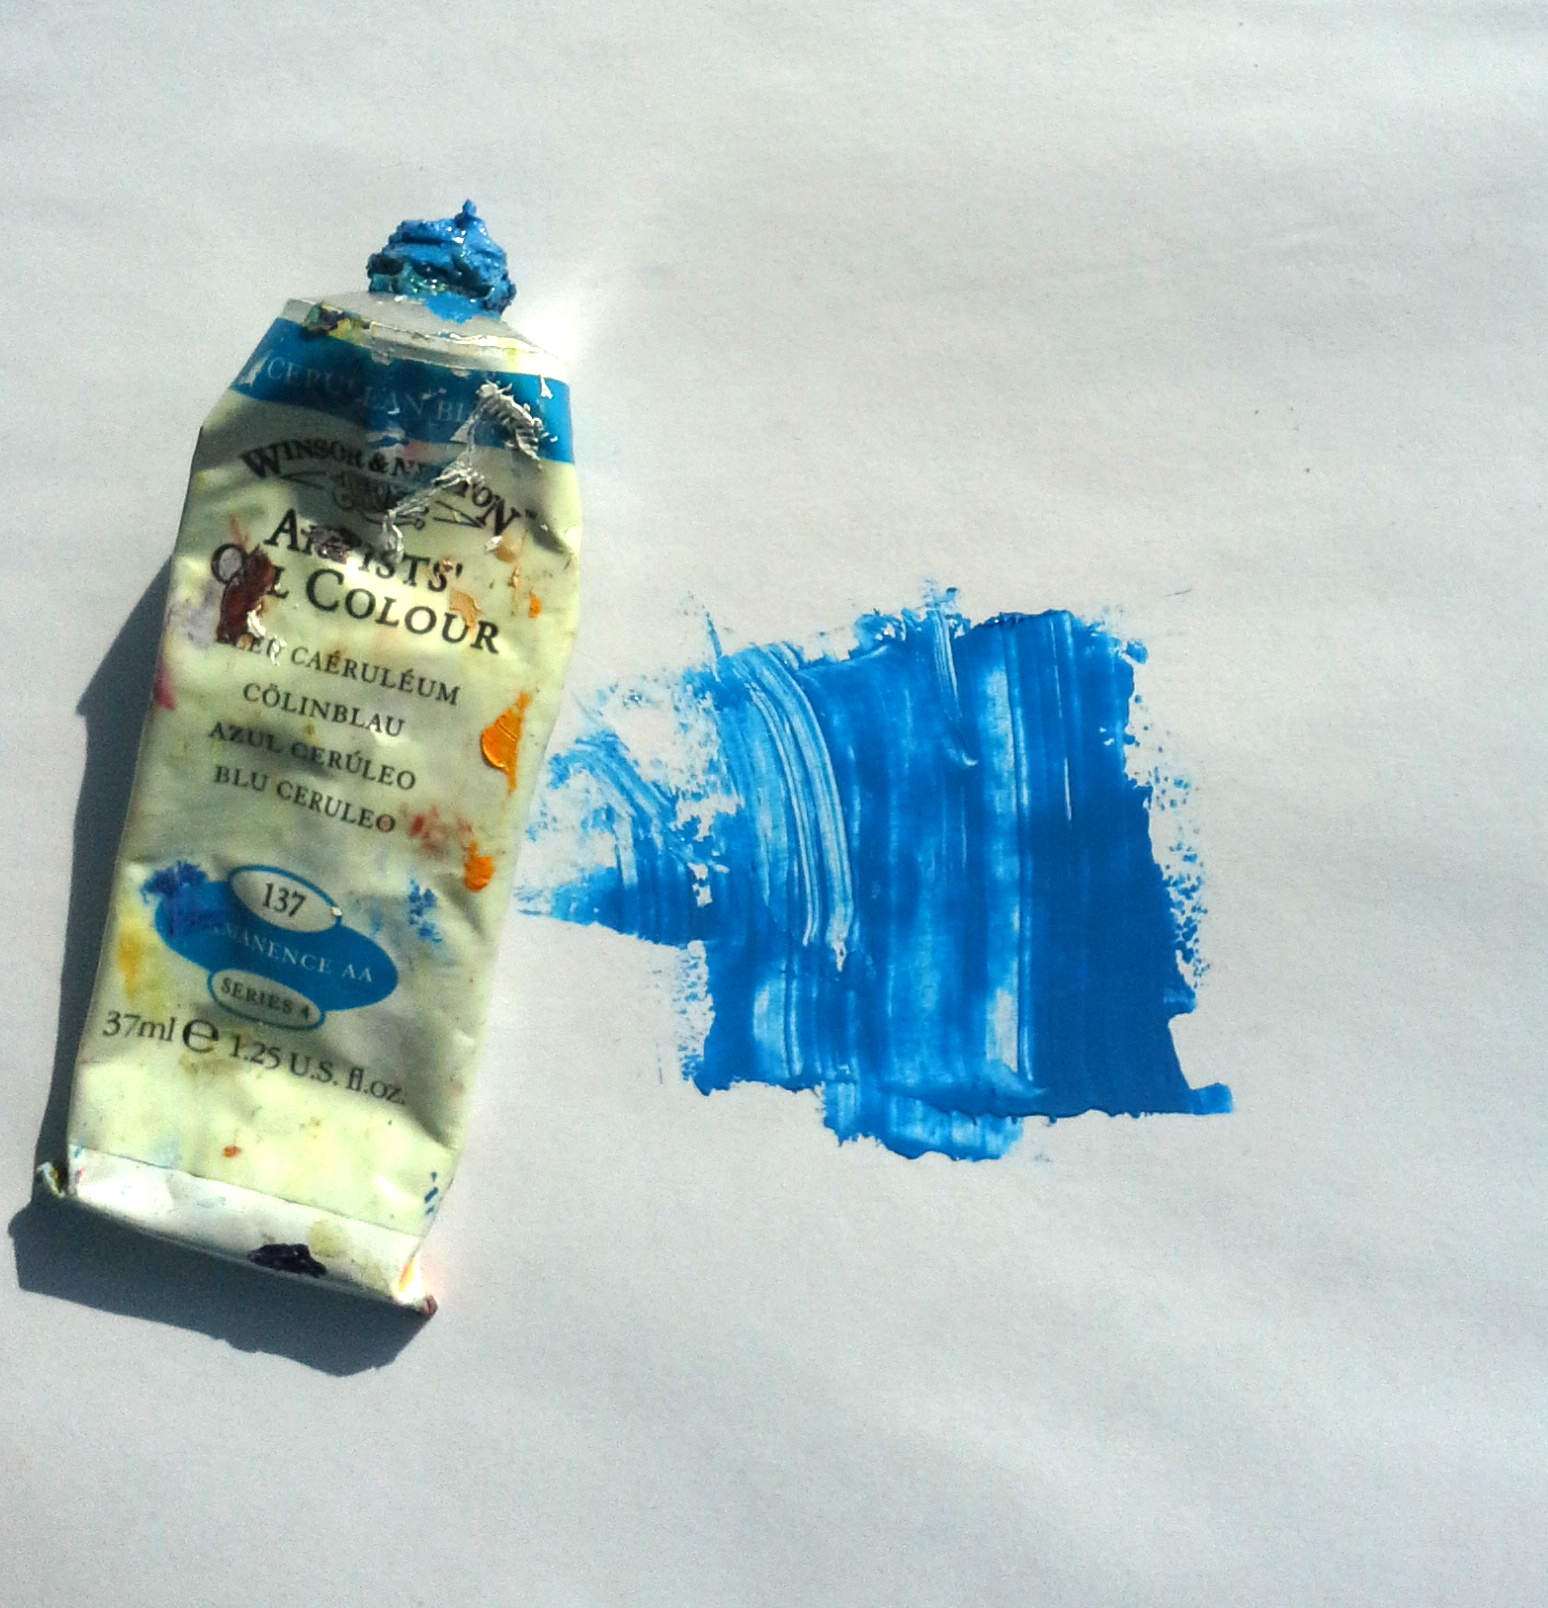 ceruleun blue.jpg